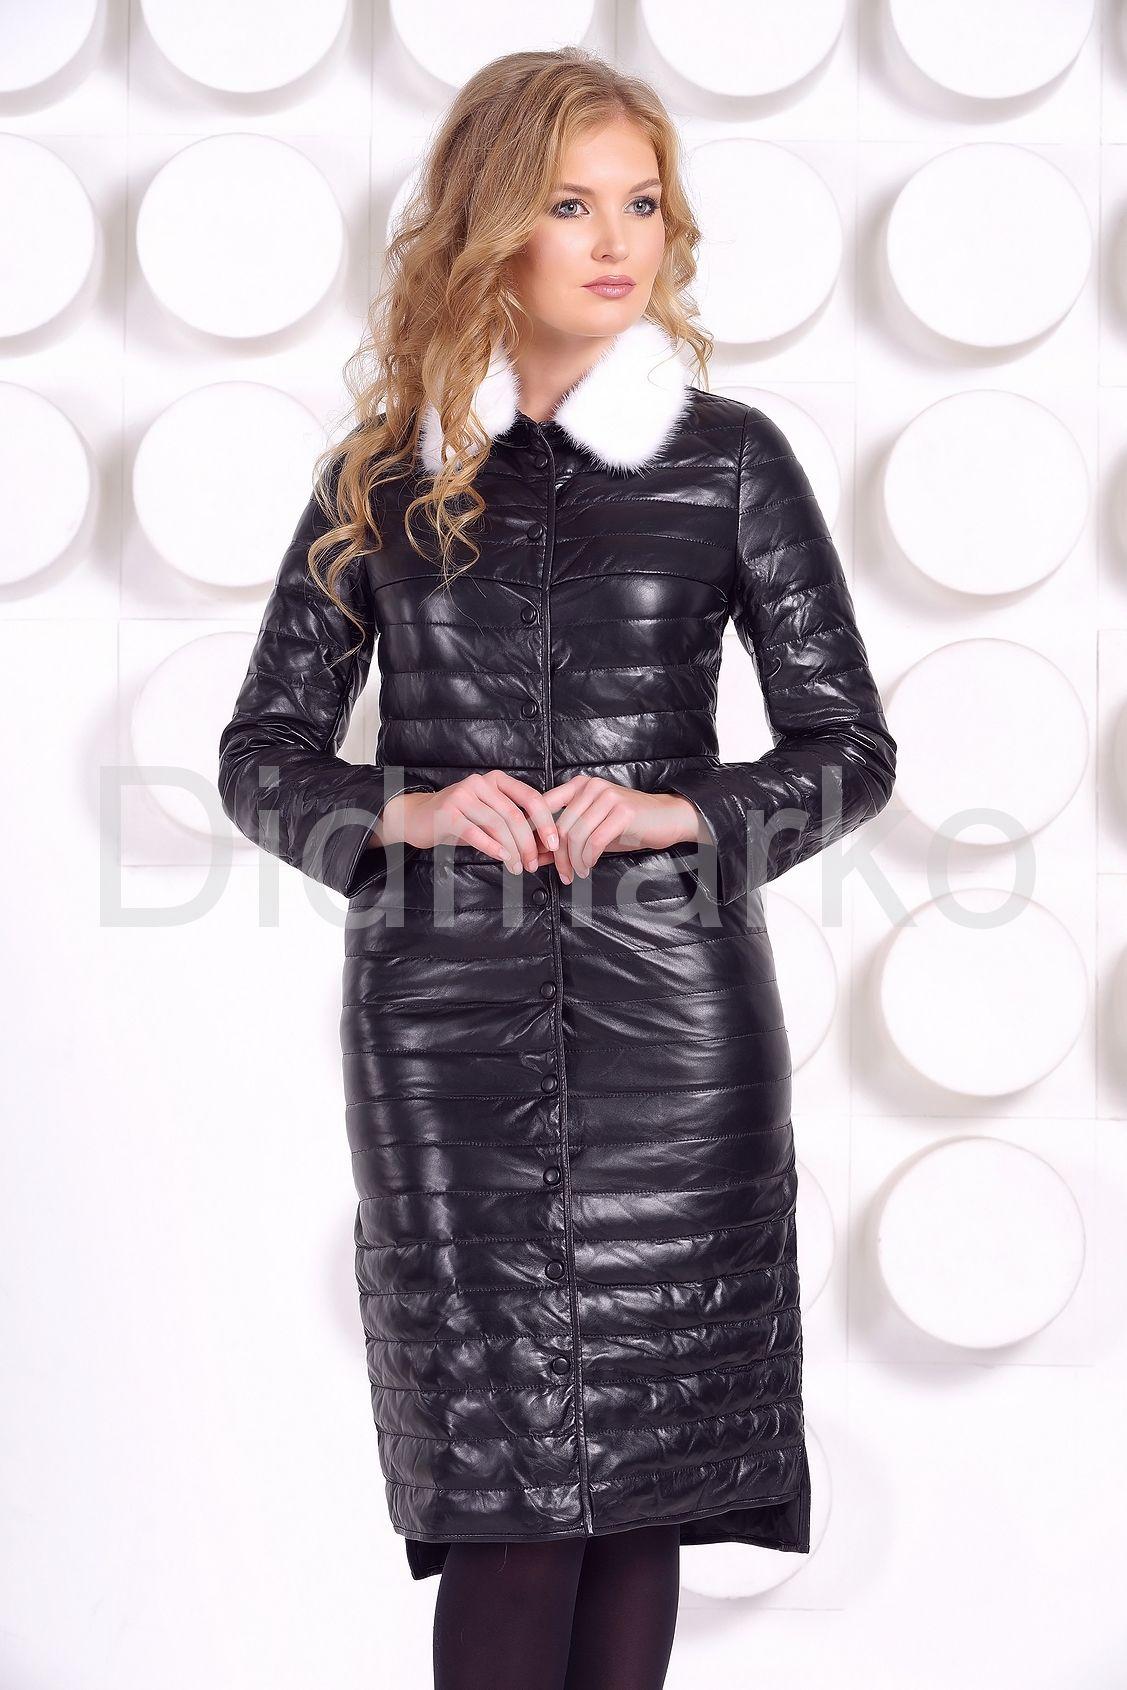 af35e283551 Длинное кожаное пальто Длинное кожаное пальто